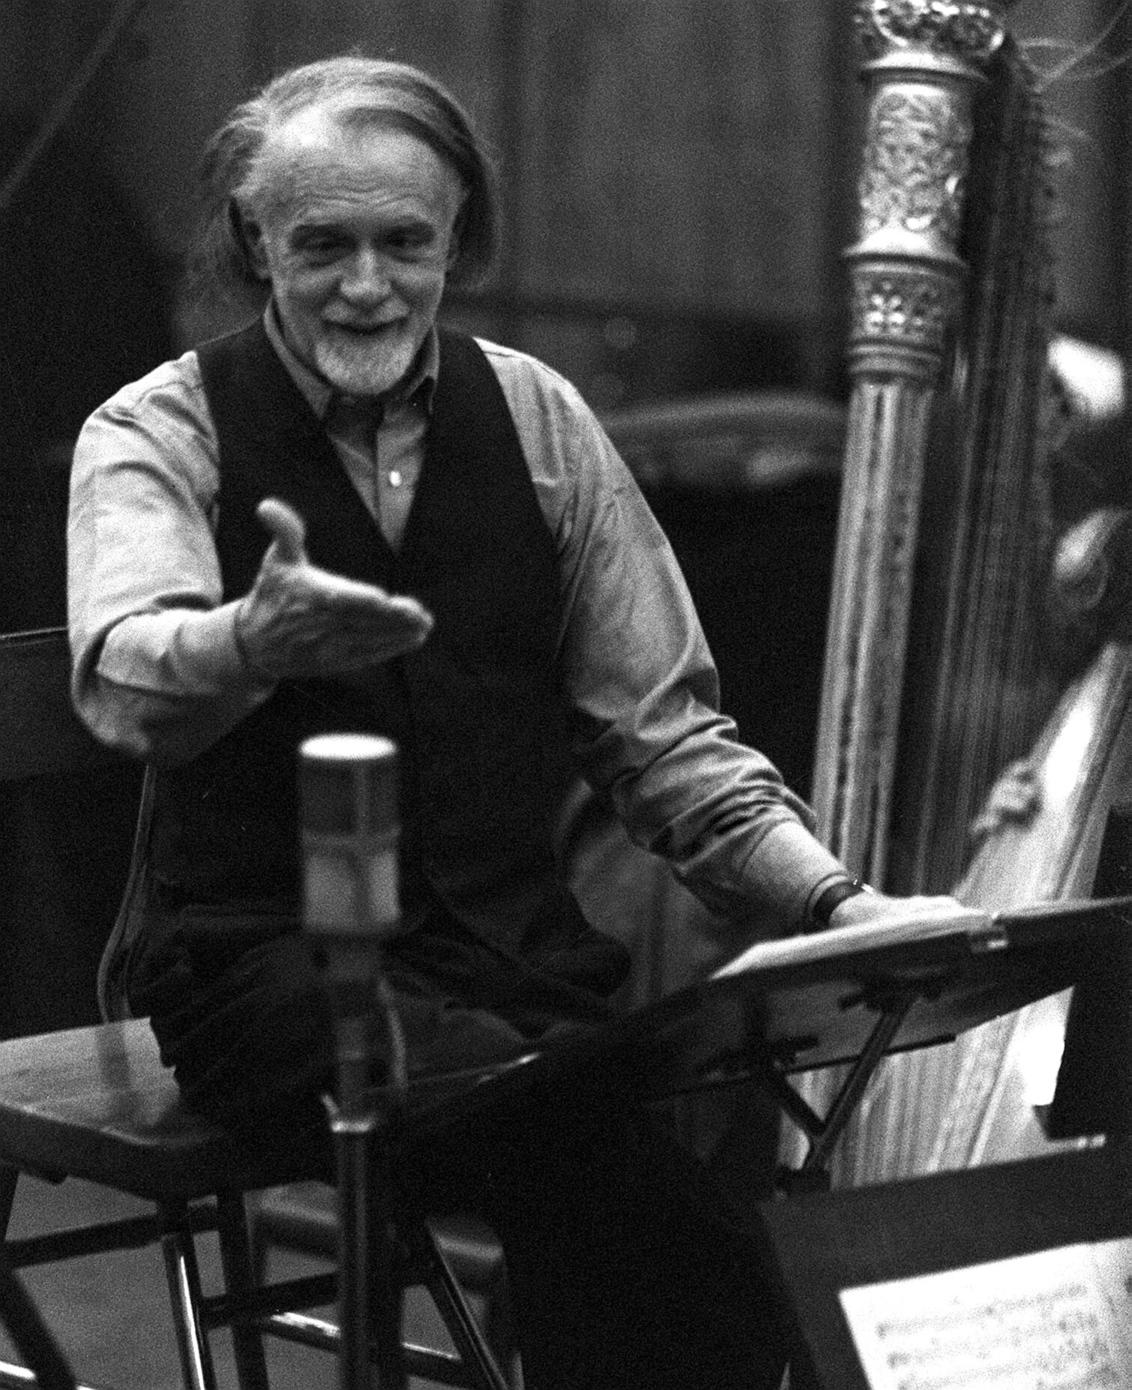 Budapest, 1960. július 6. A D.G.G. nyugatnémet hanglemezgyártó vállalat felkérésére Kodály Zoltán saját művét, a Concerto-t vezényli sztereó hangfelvételre a Hanglemezgyártó Vállalat stúdiójában. MTI Fotó: Friedmann Endre